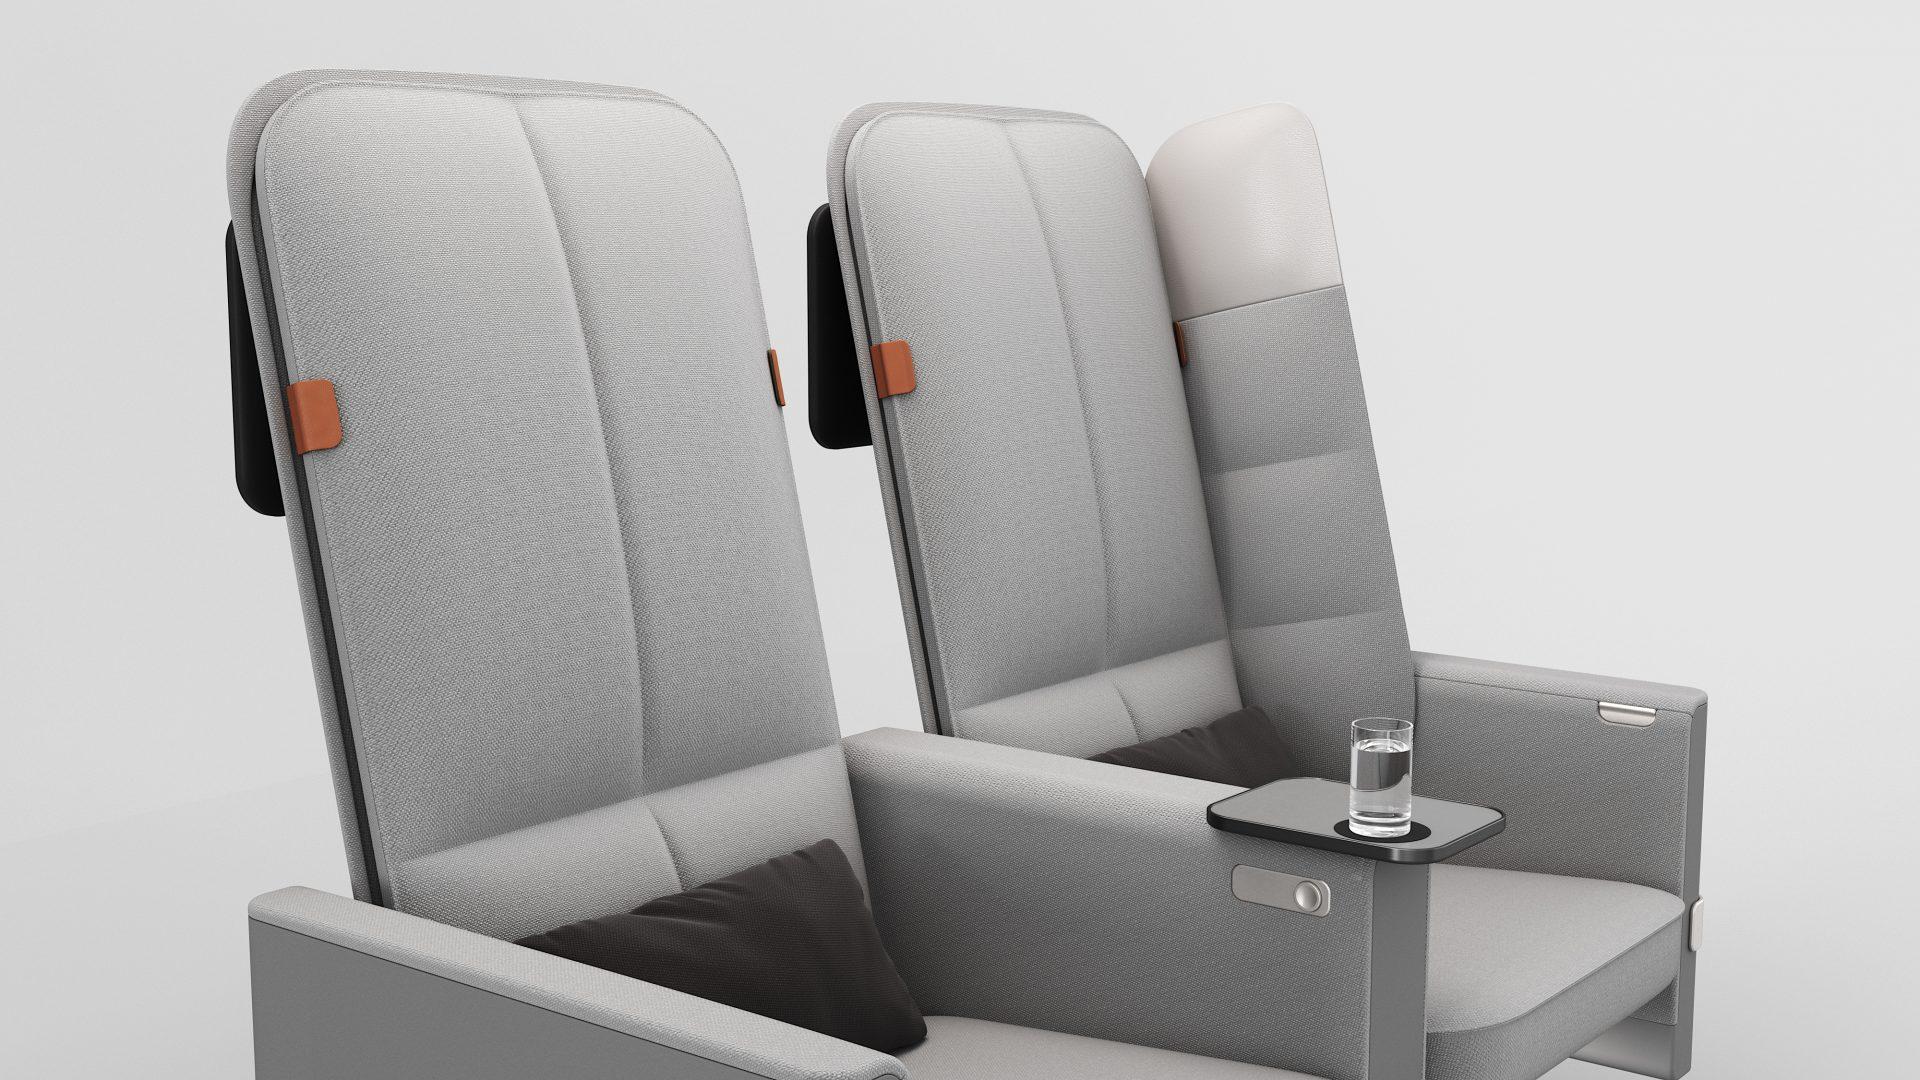 universal-movement-seat